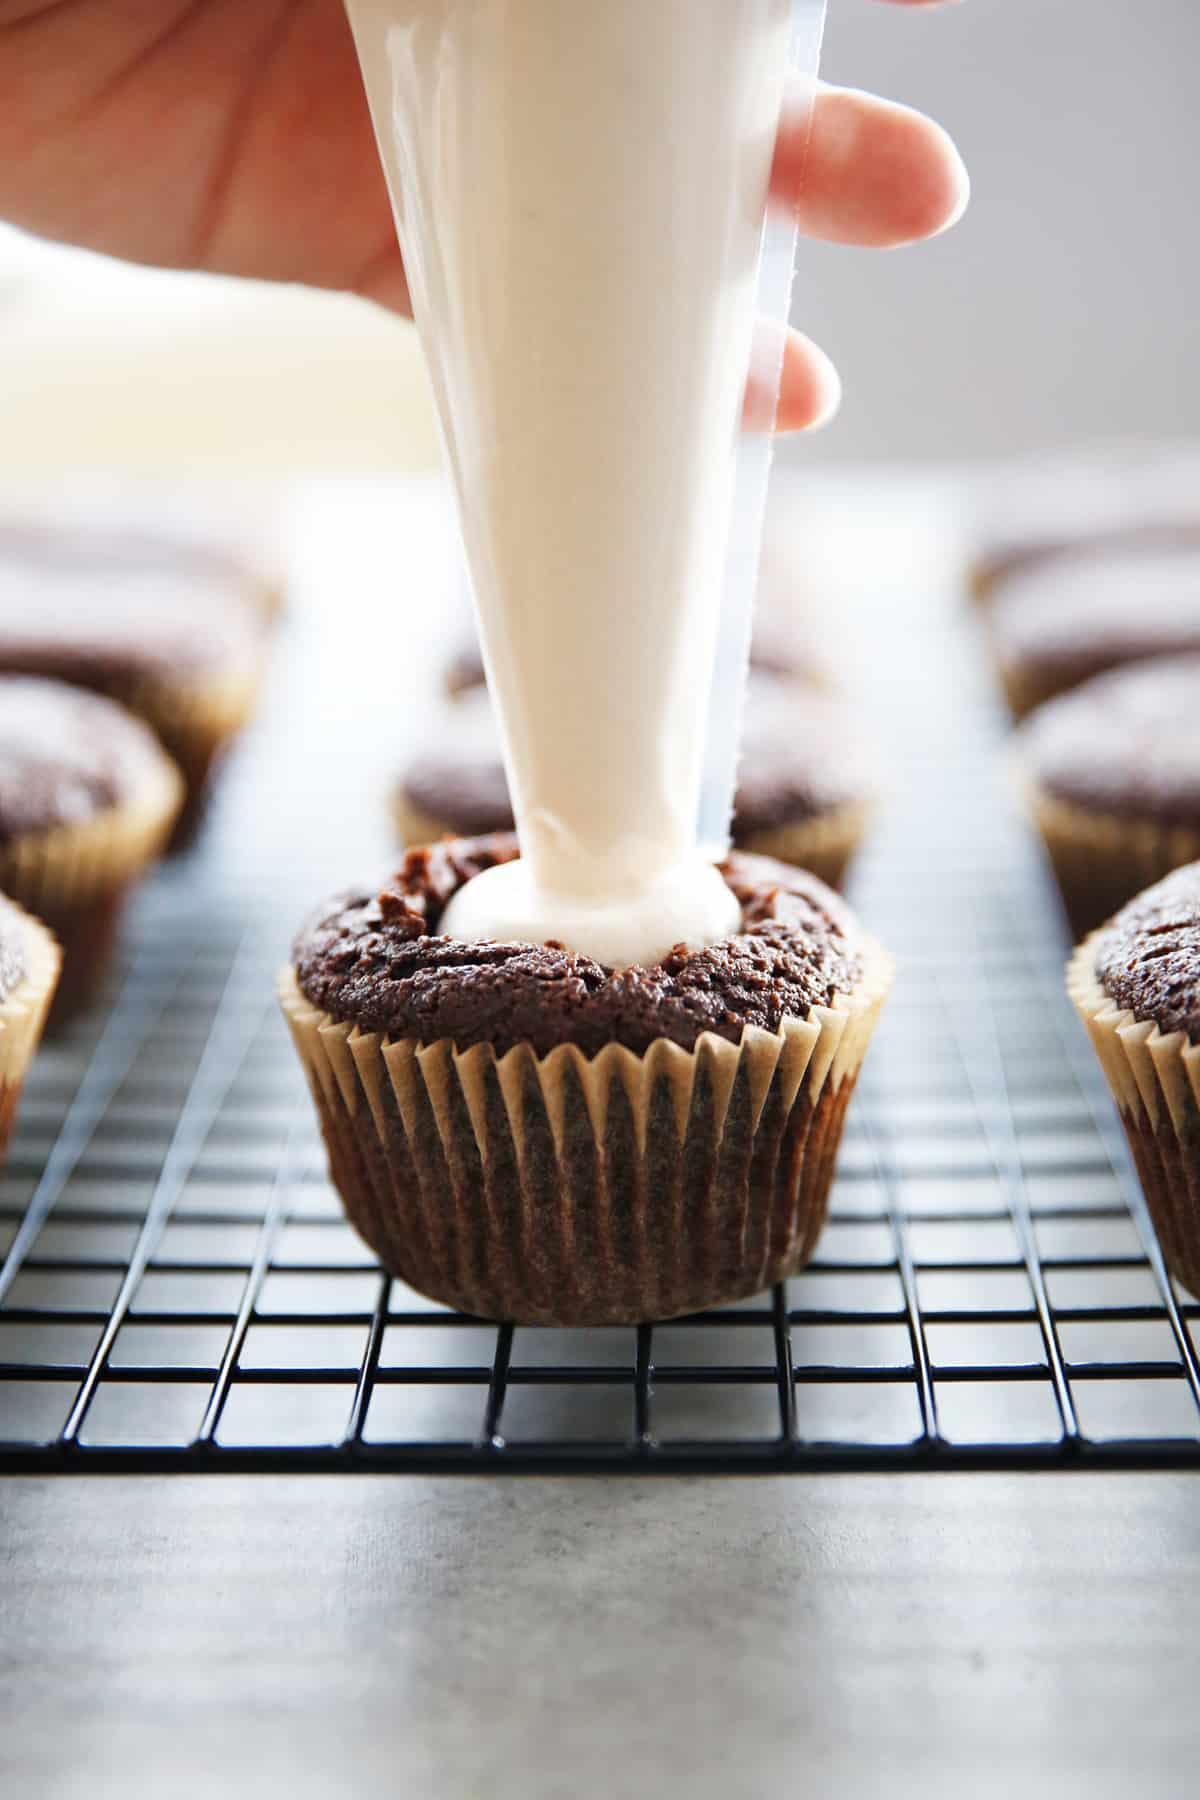 Homemade hostess cupcake recipe